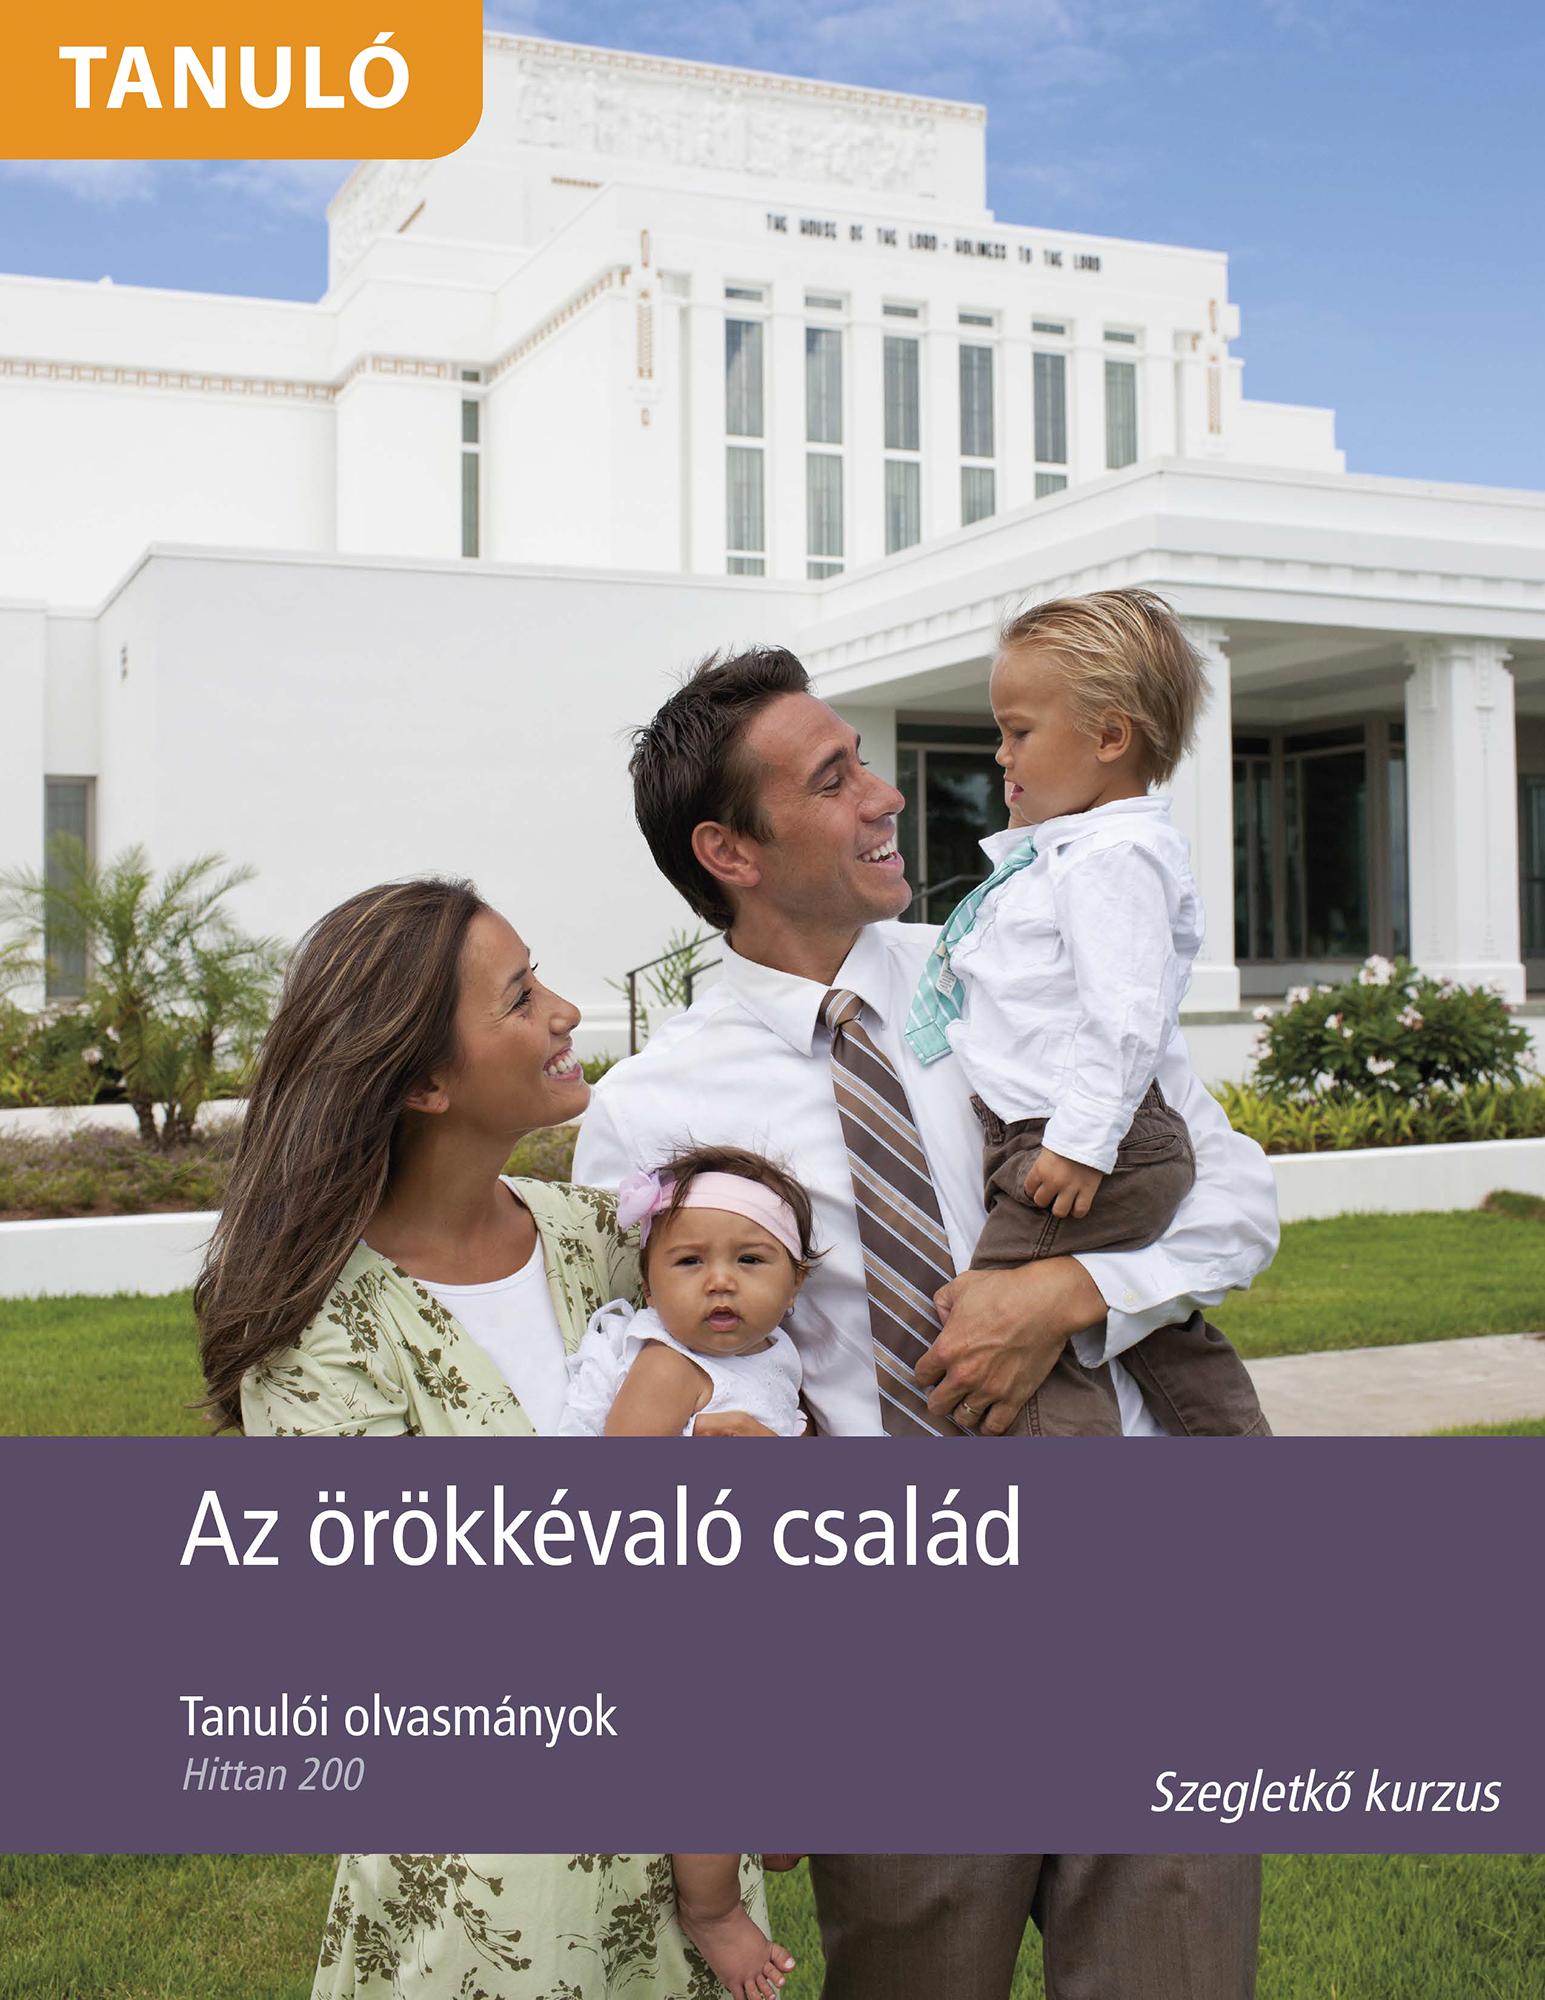 Az örökkévaló család tanulói olvasmányok (Hittan 200)